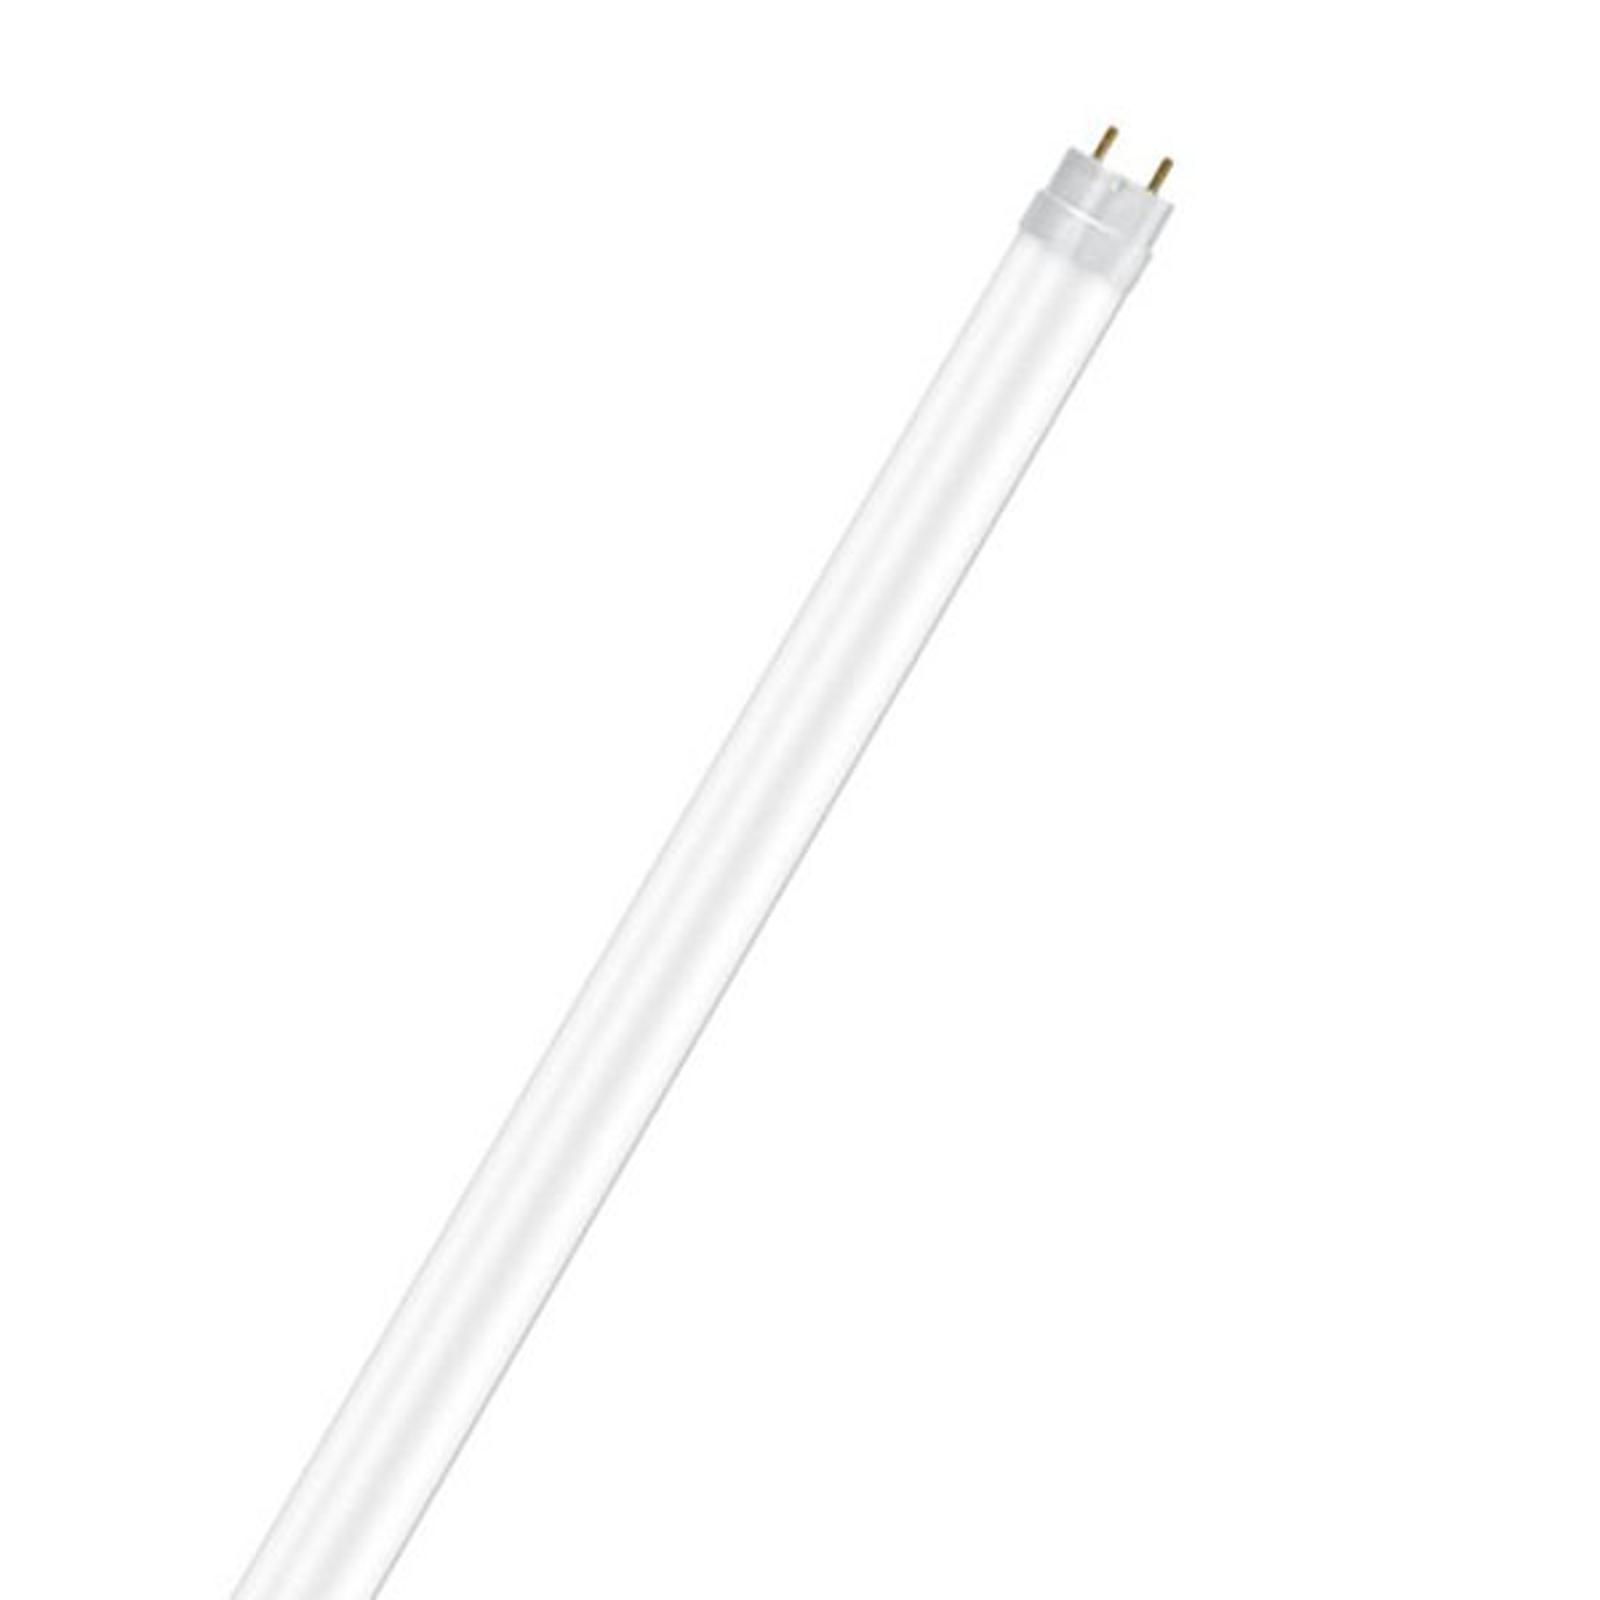 OSRAM LED-Röhre G13 T8 60cm SubstiTUBE 6,6W 6.500K